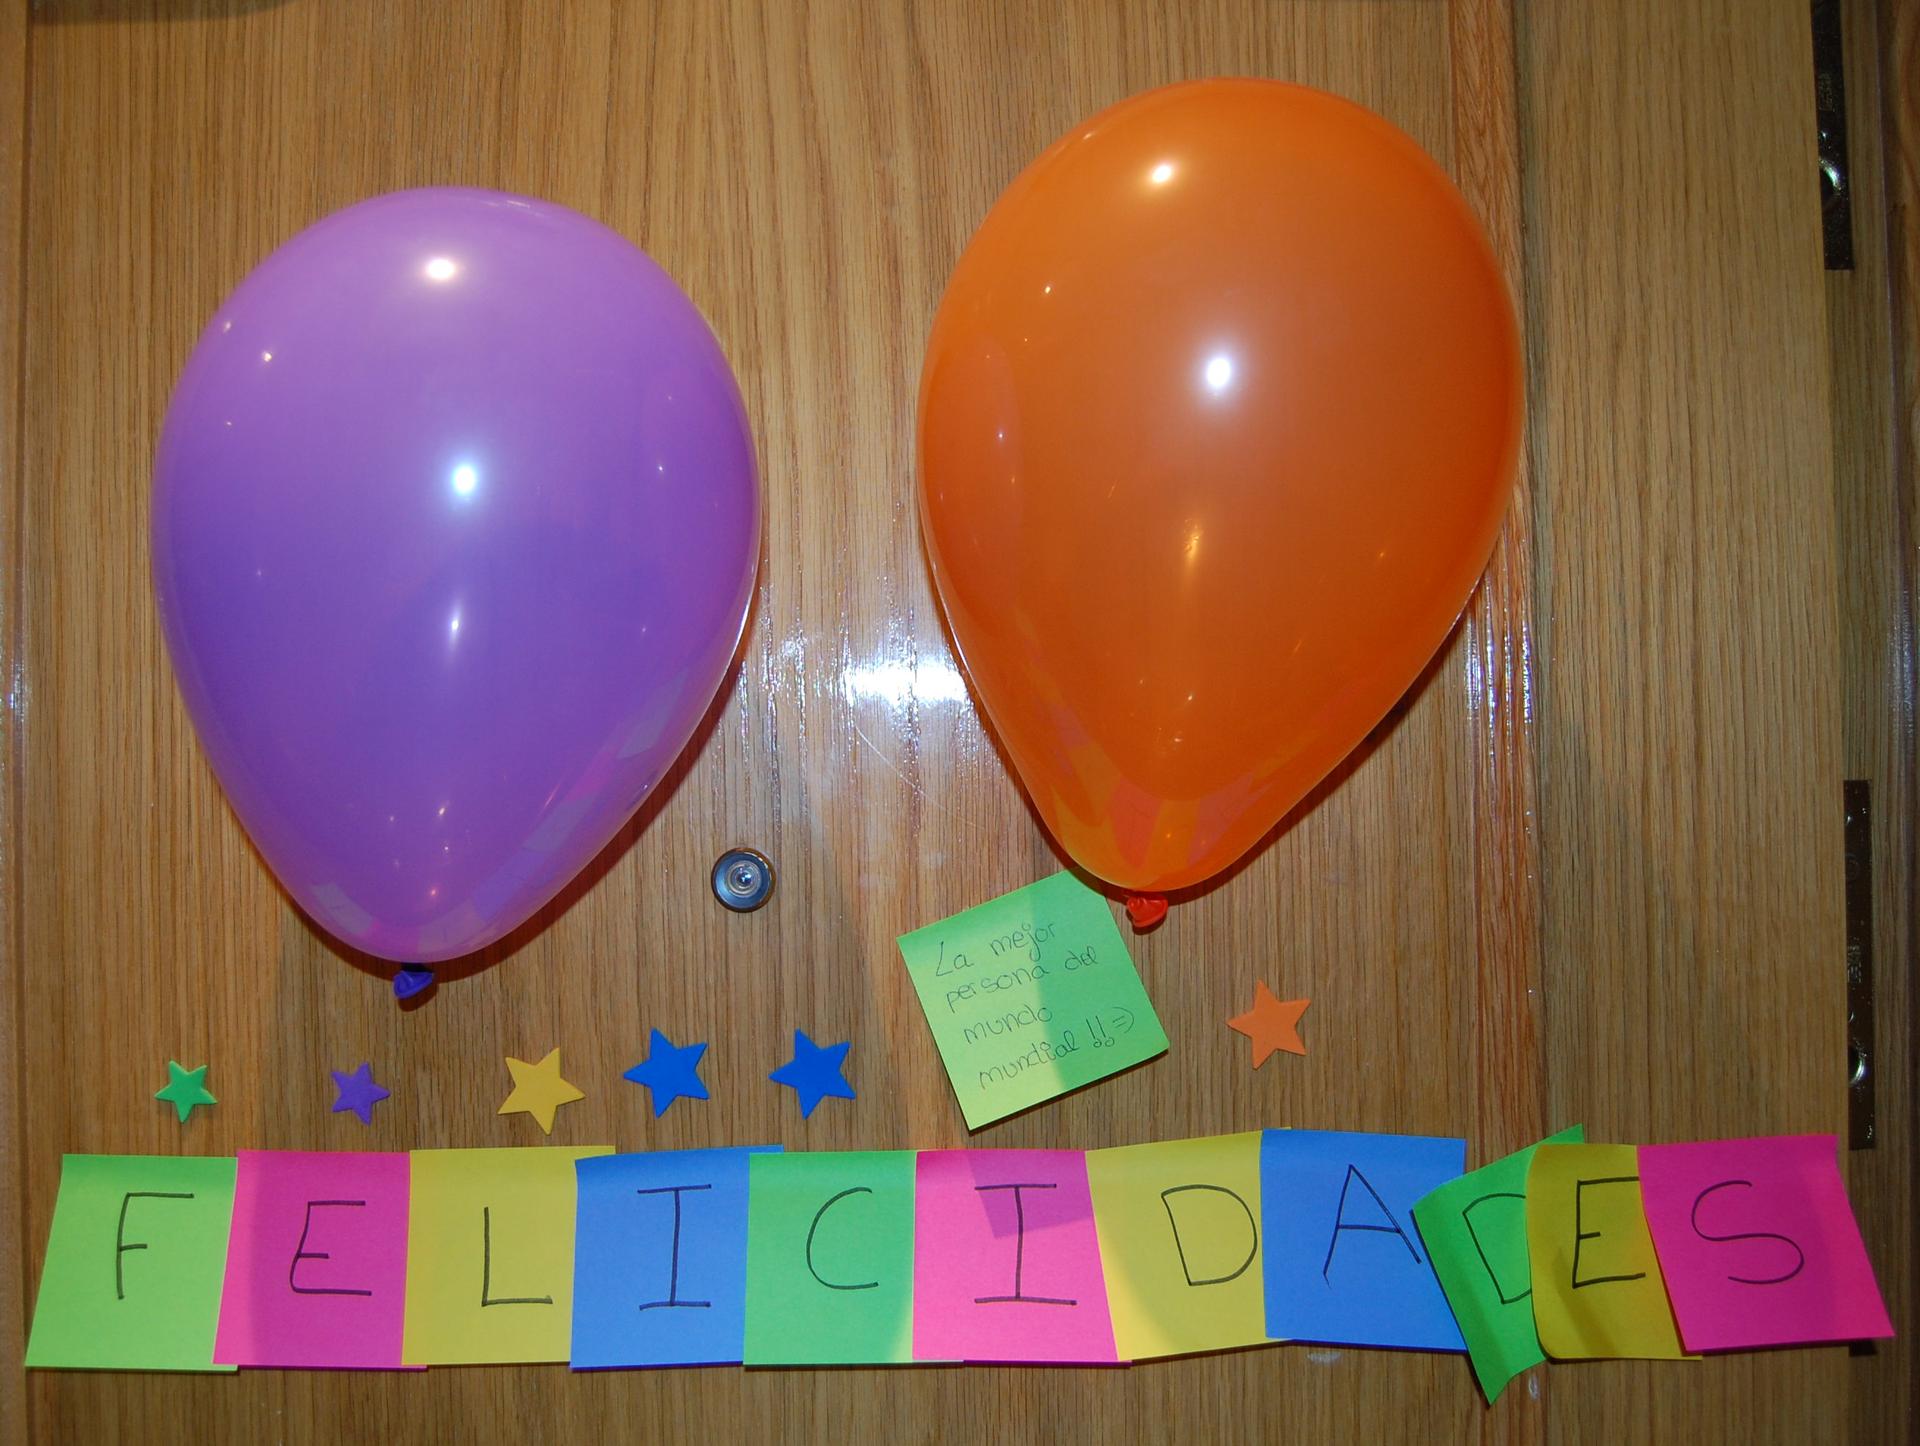 Cumplea os wikipedia la enciclopedia libre for Como hacer que los globos se queden en el techo